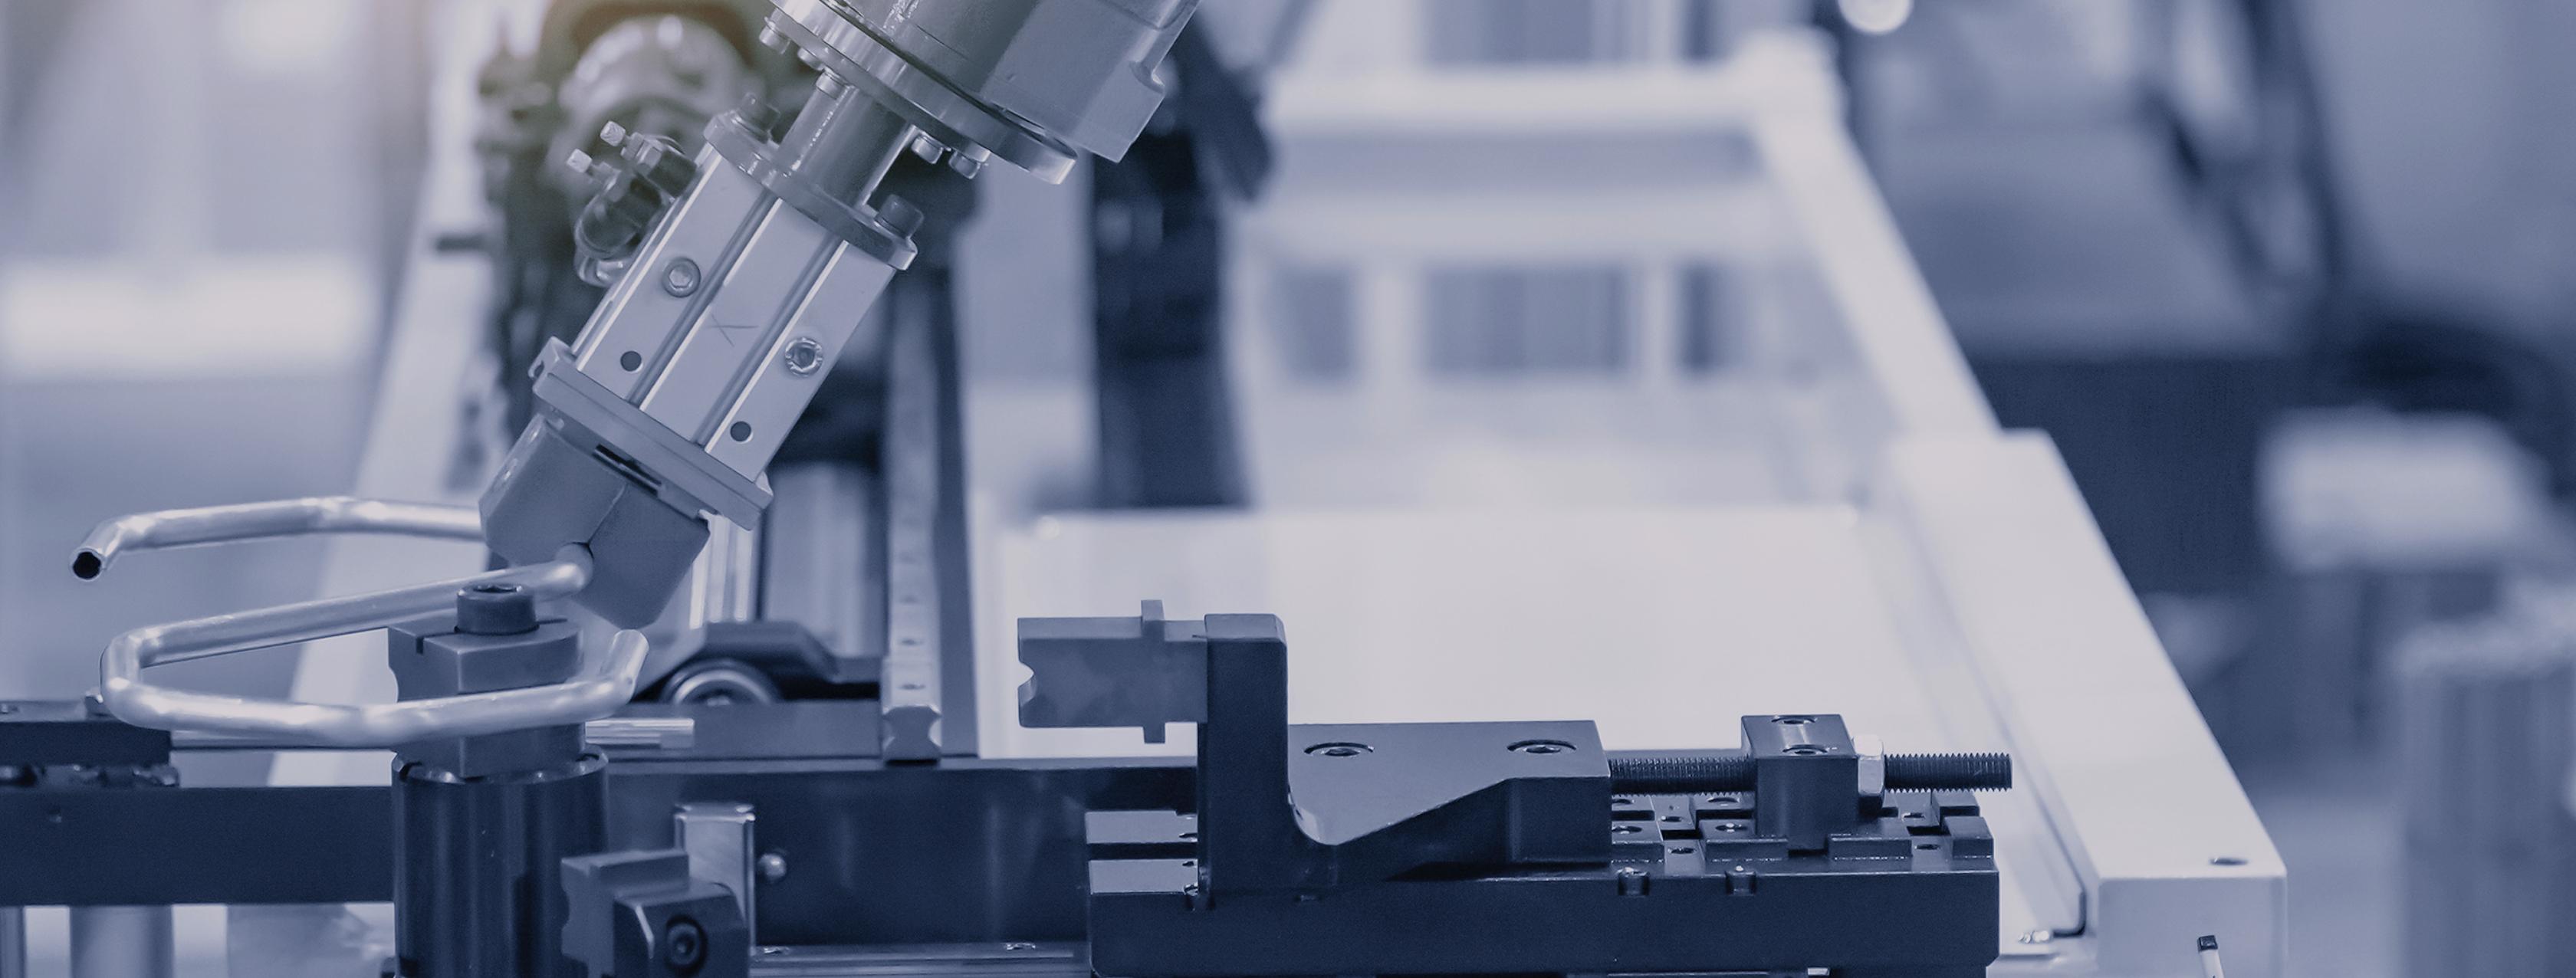 OEM Manufacturing Capabilities